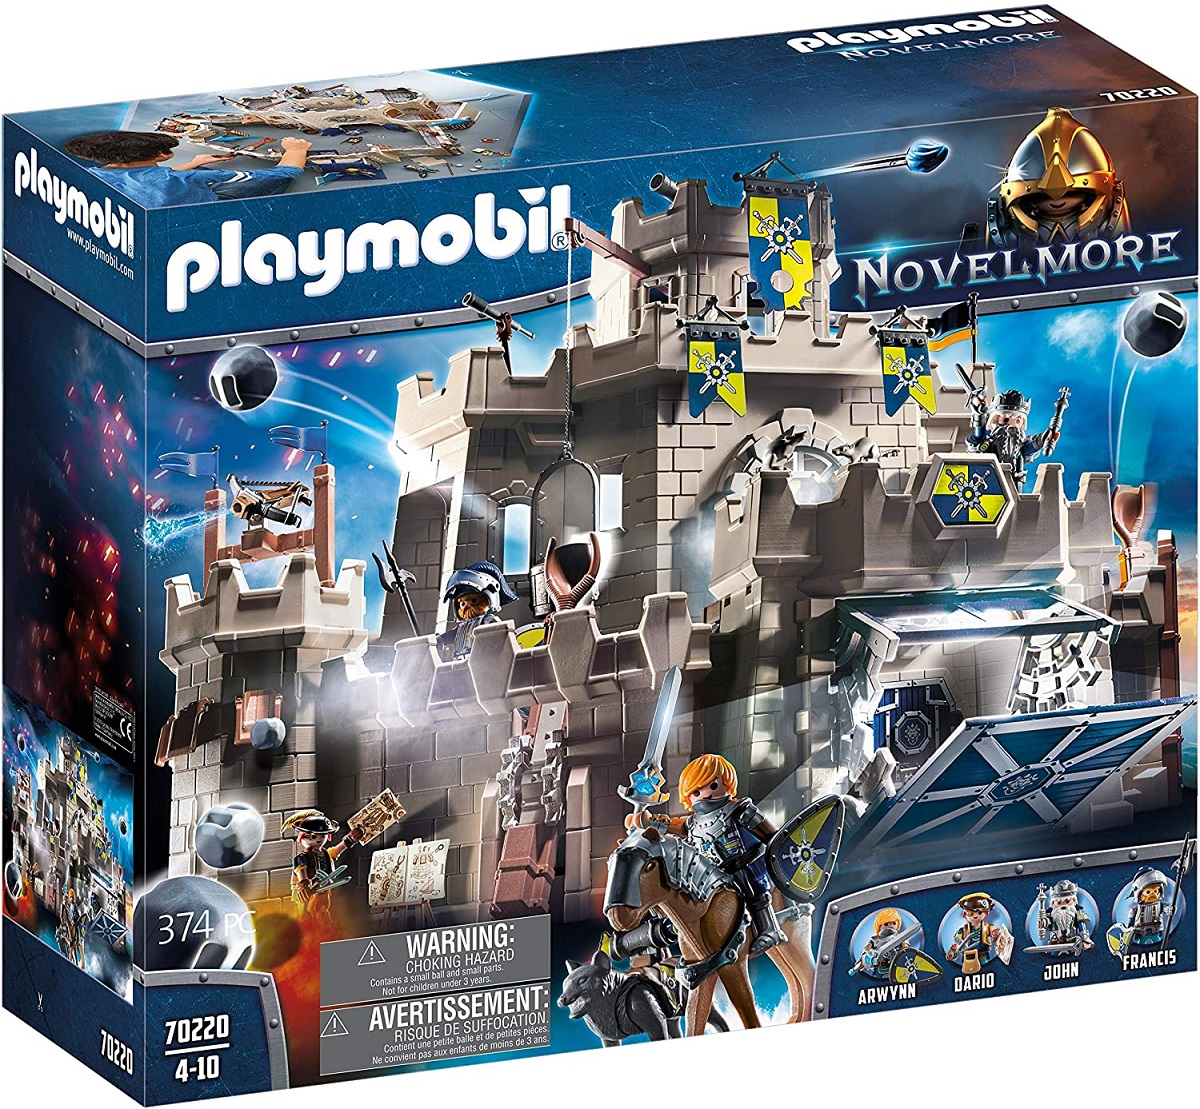 juguetes de playmobil